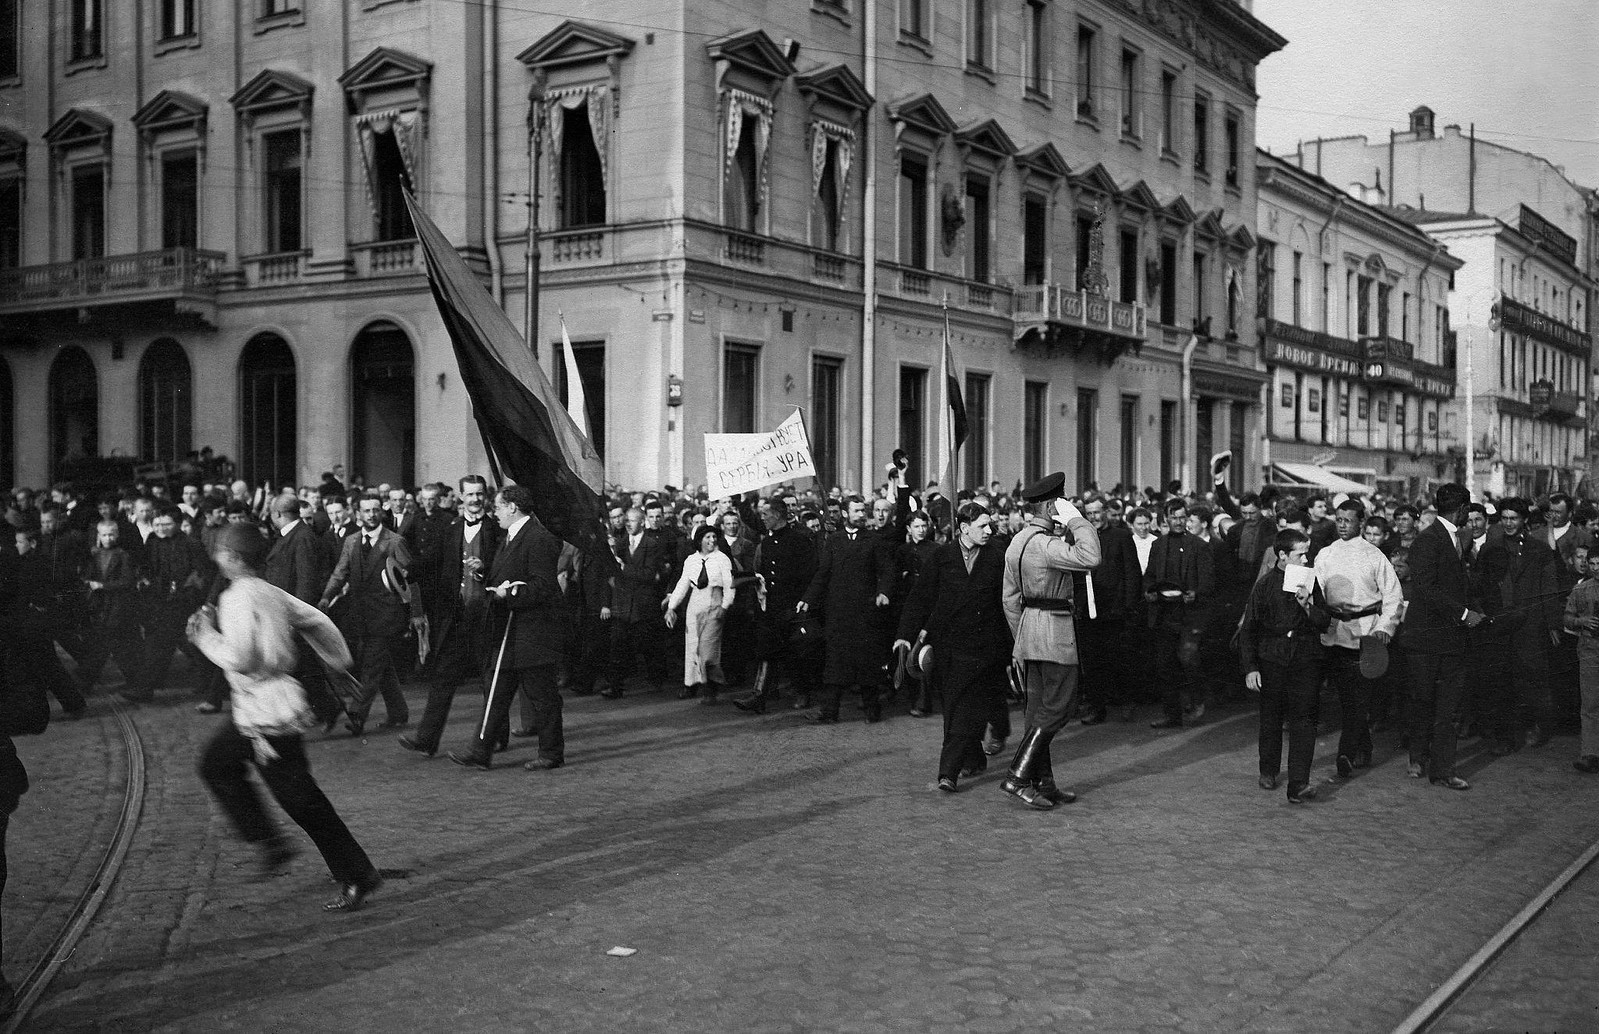 1914. Участники манифестации по случаю отклонения Сербией ультиматума Австро-Венгрии на углу Невского проспекта и Михайловской улицы